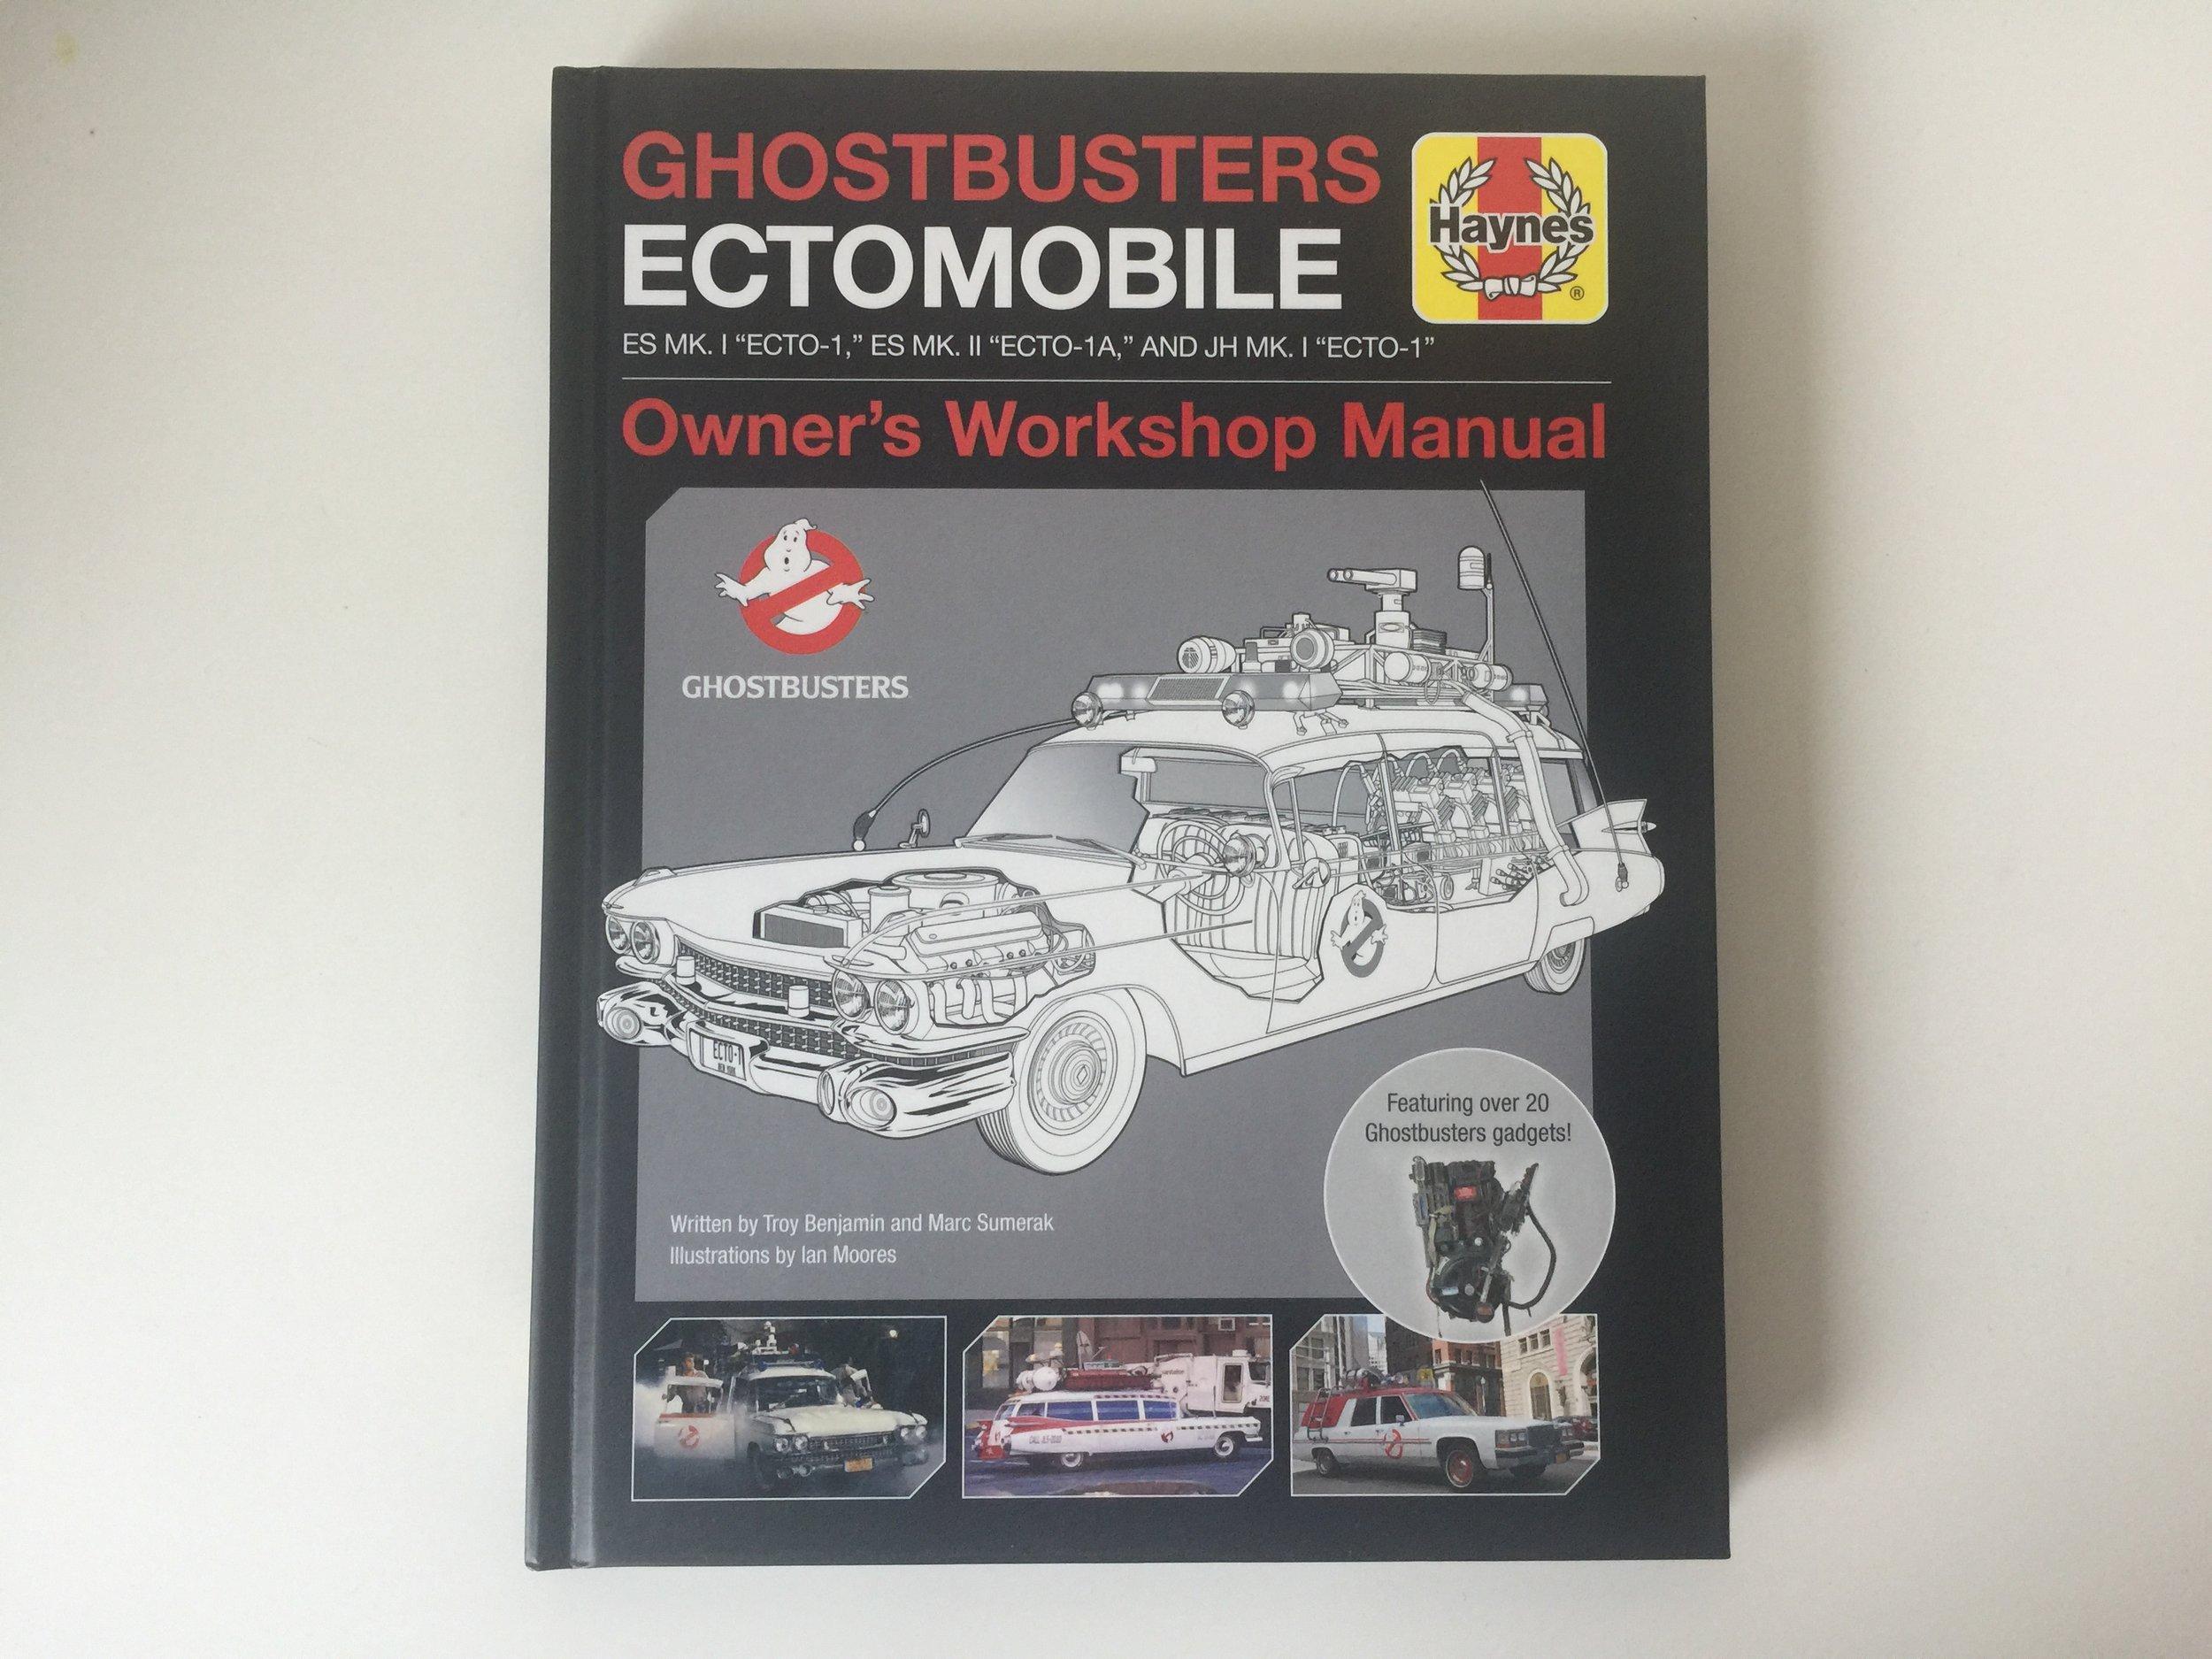 ghostbusters_ectomobile_owners_workshop_manual.JPG